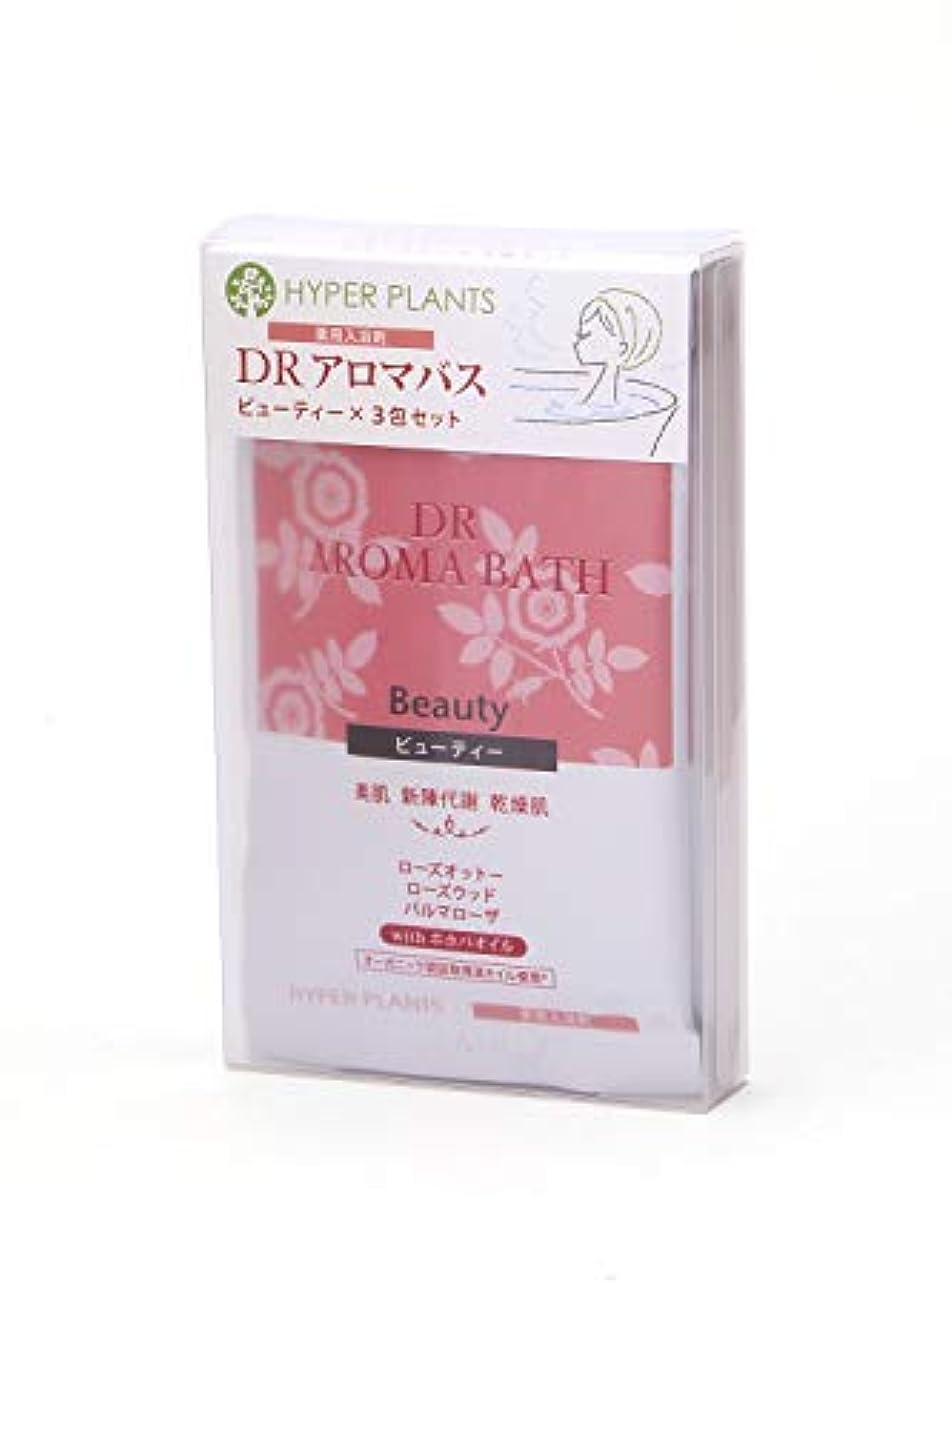 約束する血まみれの工夫する医薬部外品 薬用入浴剤 ハイパープランツ DRアロマバス ビューティー 3包セット